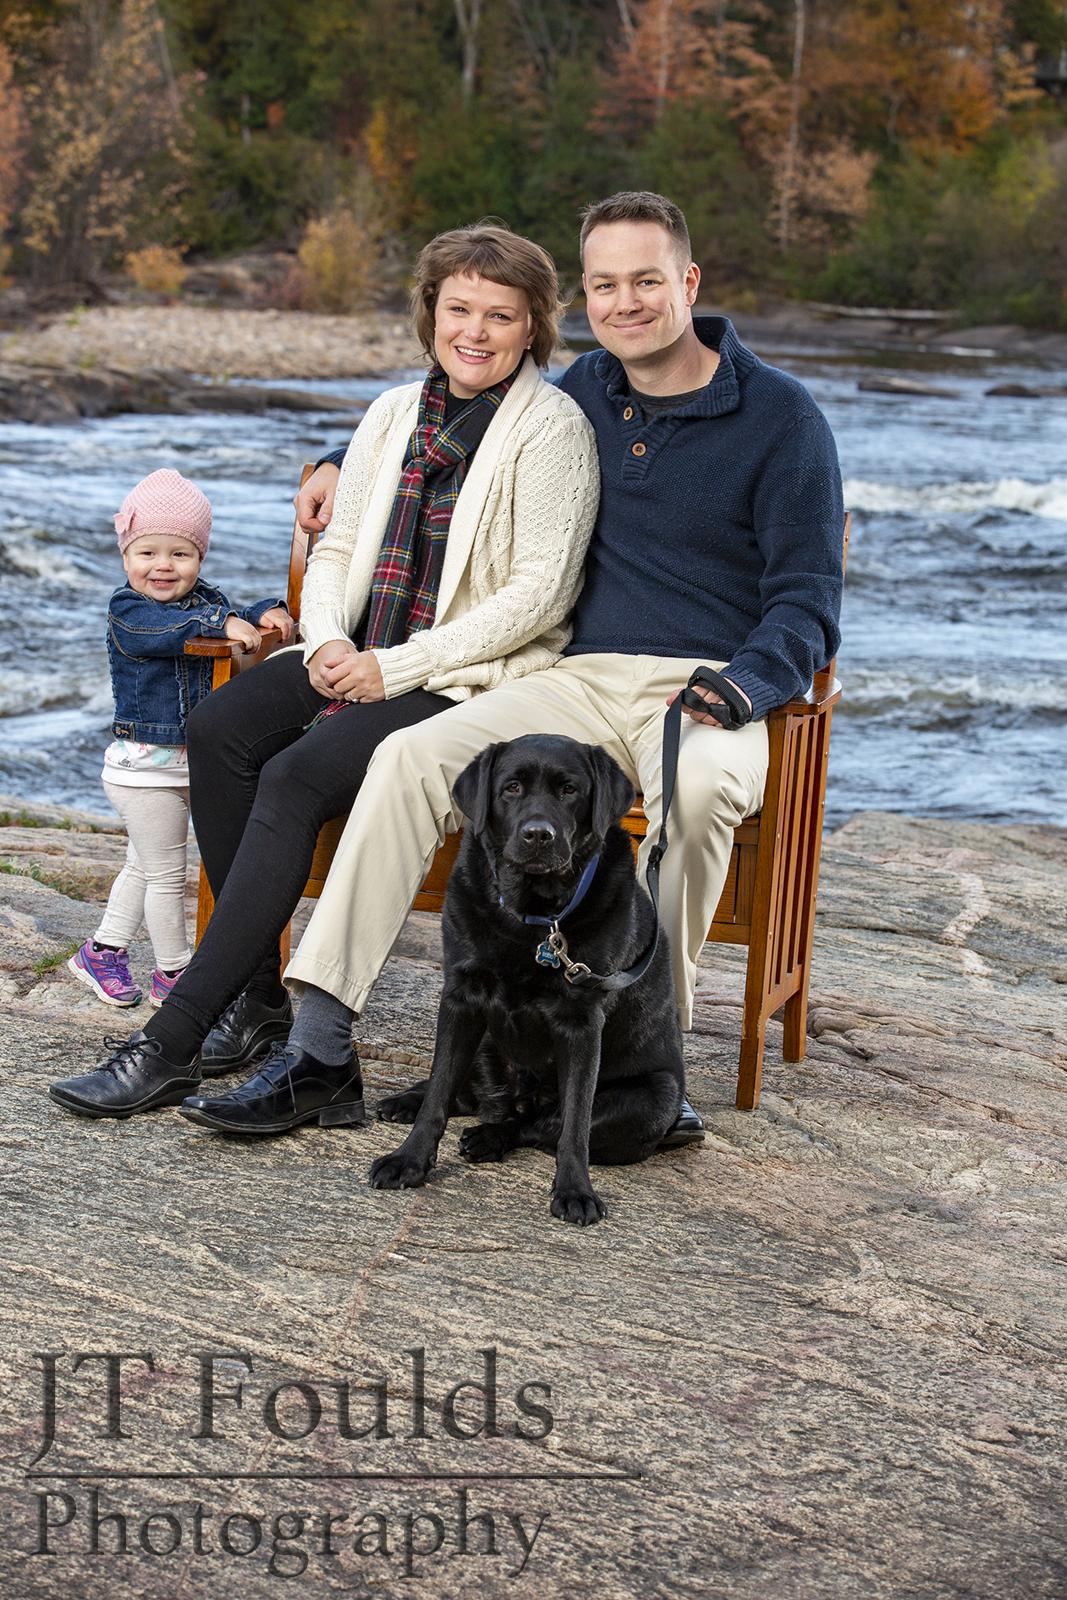 Adach Fall Family Shoot - Centenial Park - 13 OCT '18 - 014.jpg